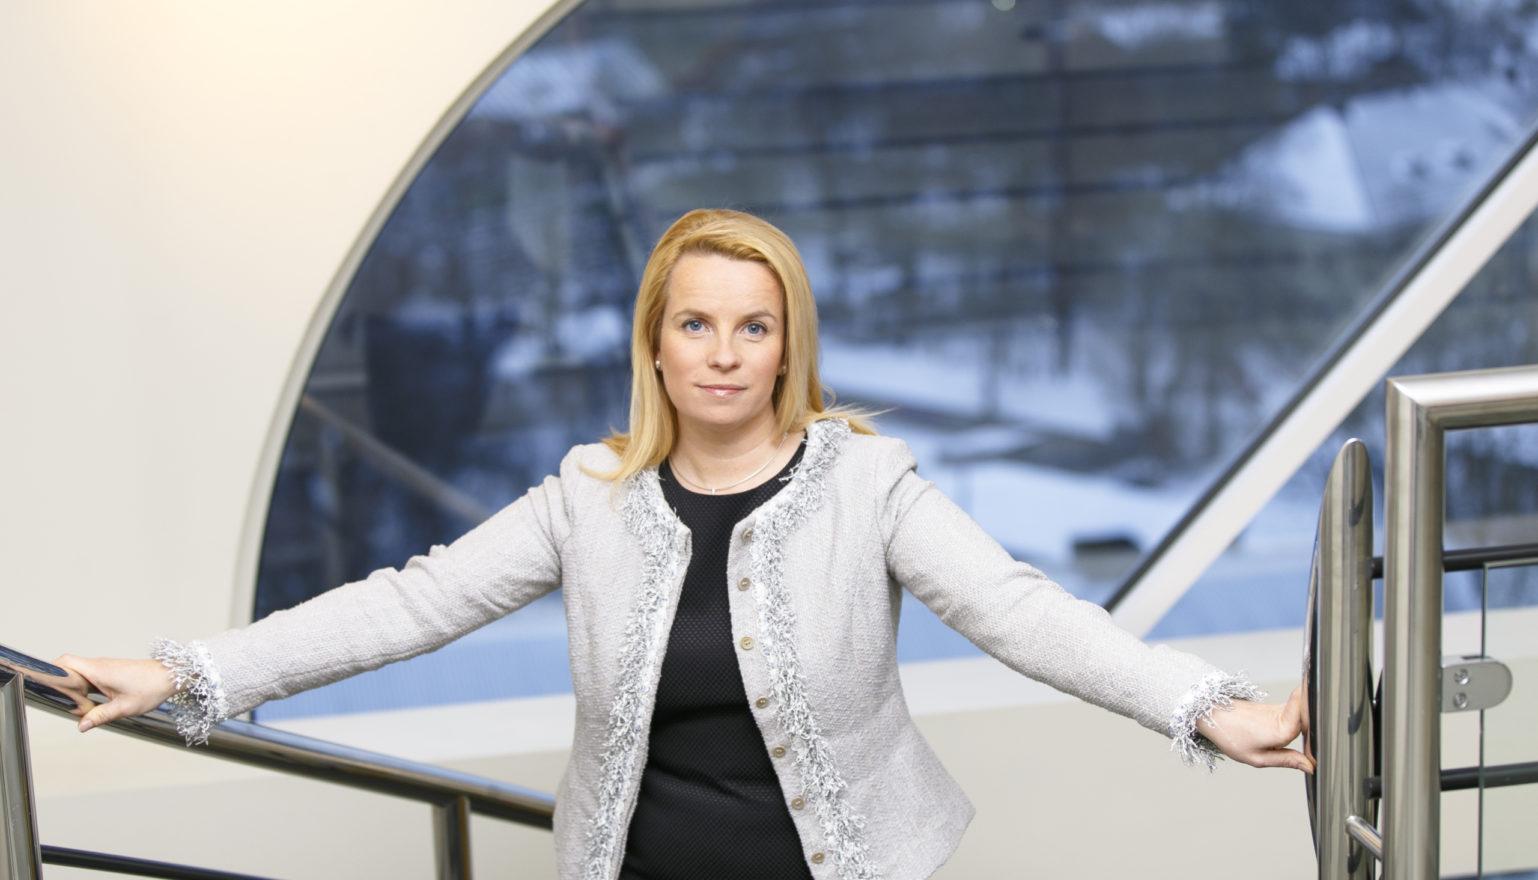 Kas tahad ennast tõeliselt proovile panna ehk kuidas oleks töötada Swedbankis